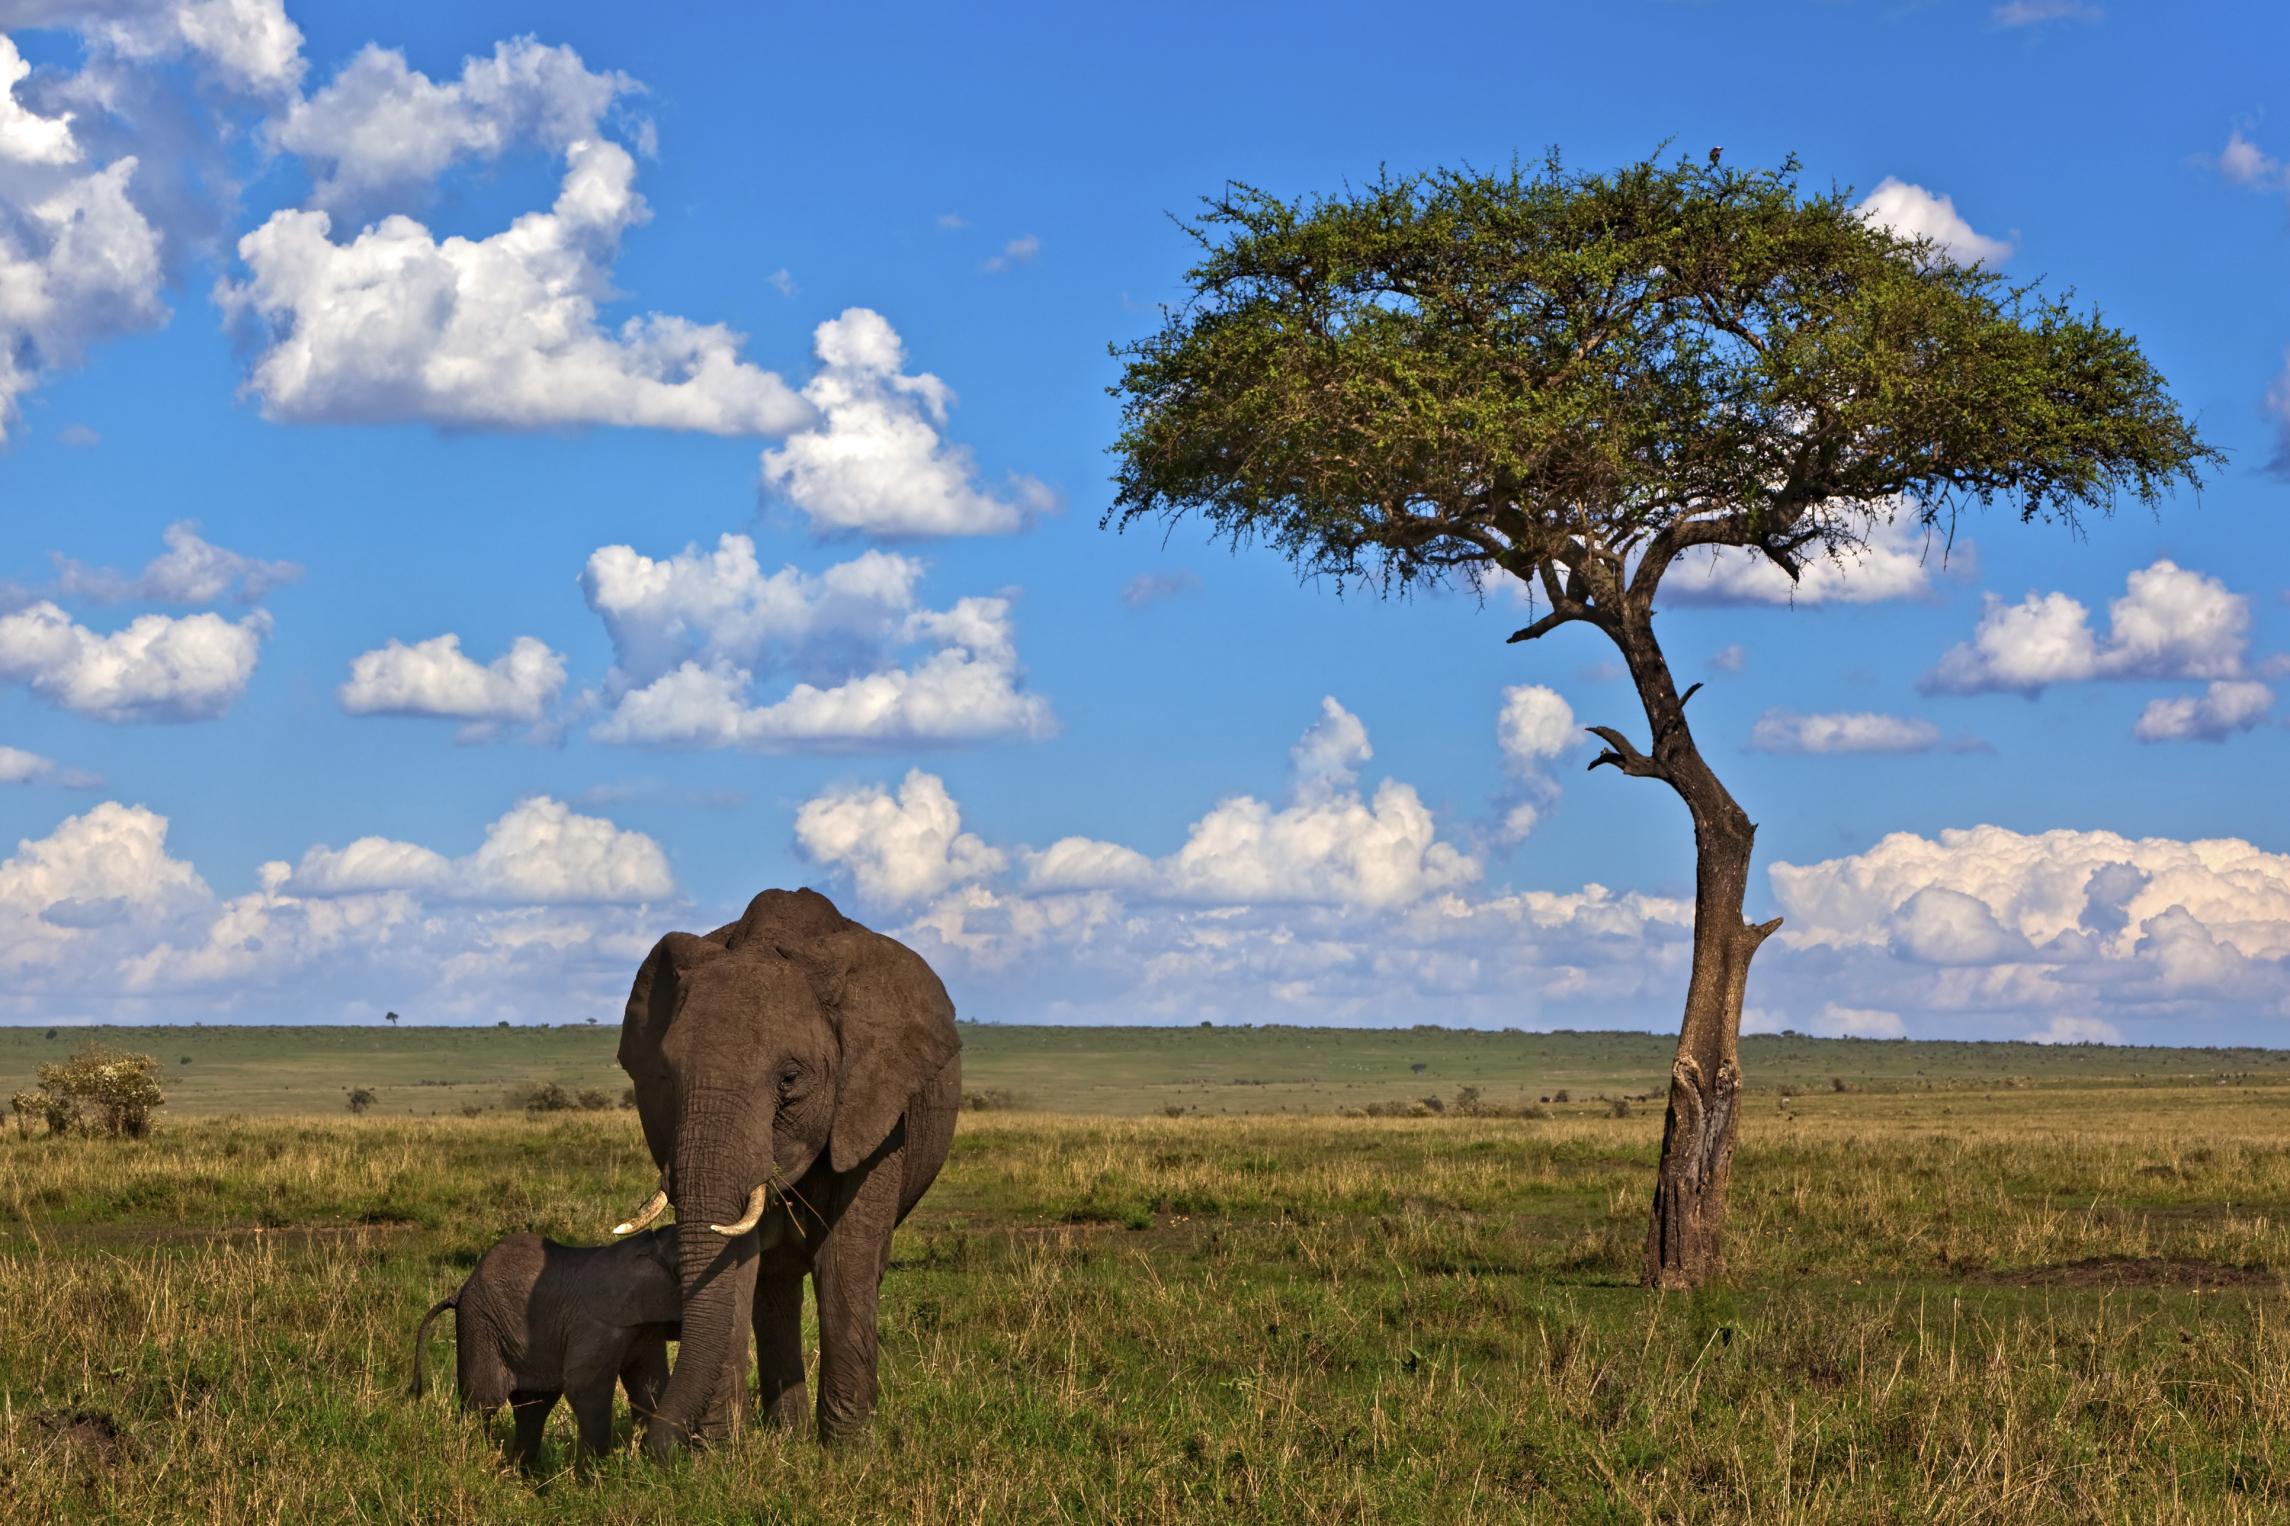 картинка природа африки без животных